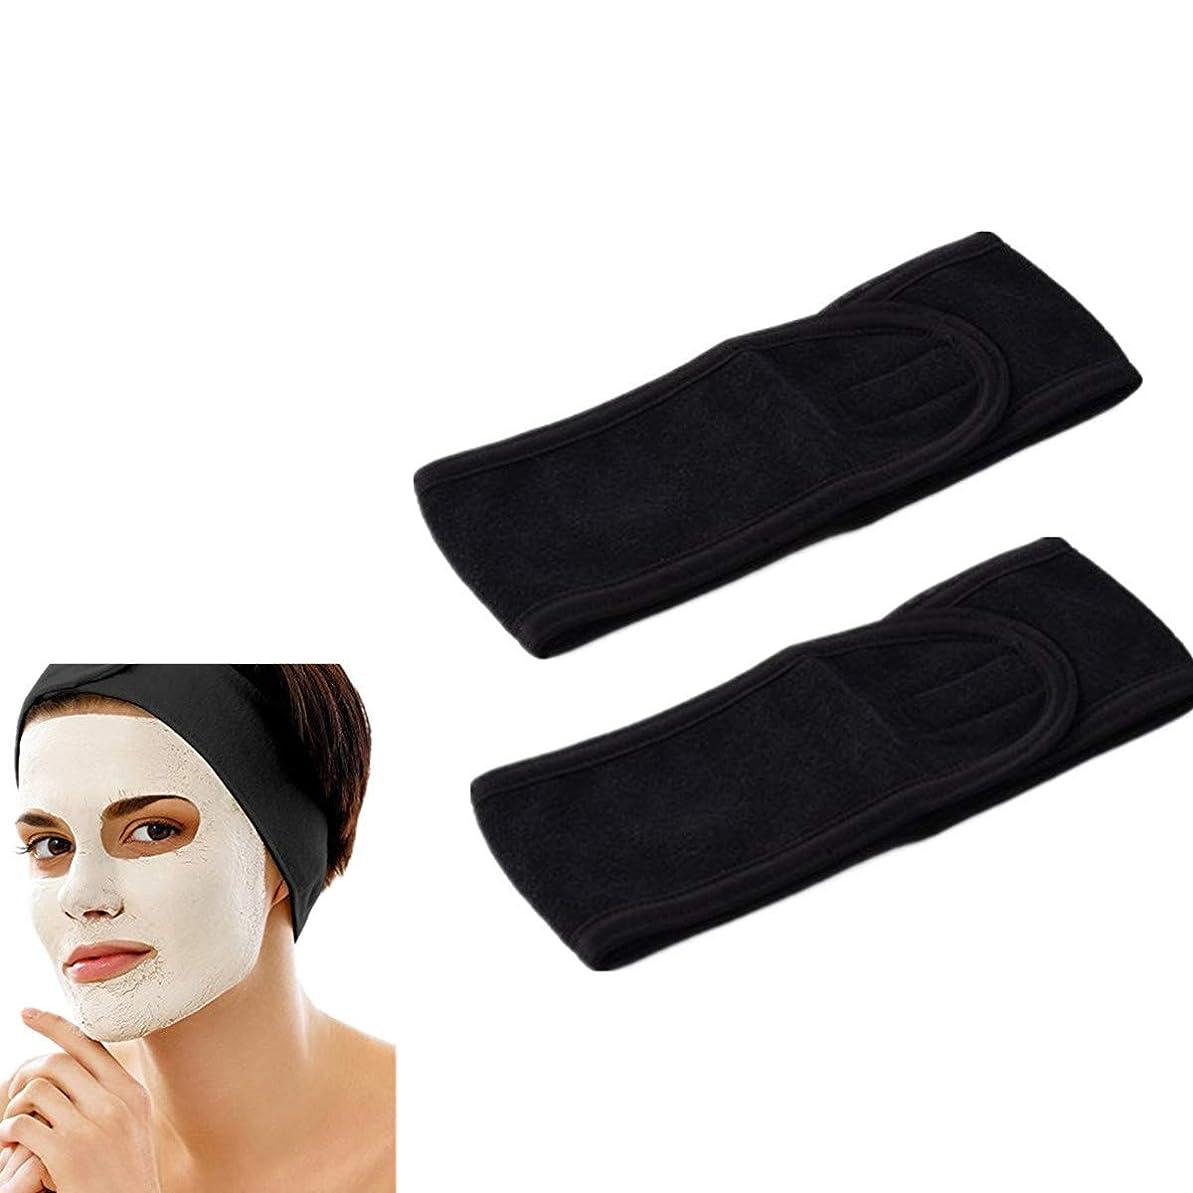 してはいけない囲む防ぐKingsie ヘアターバン マジックテープ留め ヘアバンド 洗顔 化粧 メイク レディース 2枚セット (ブラック)